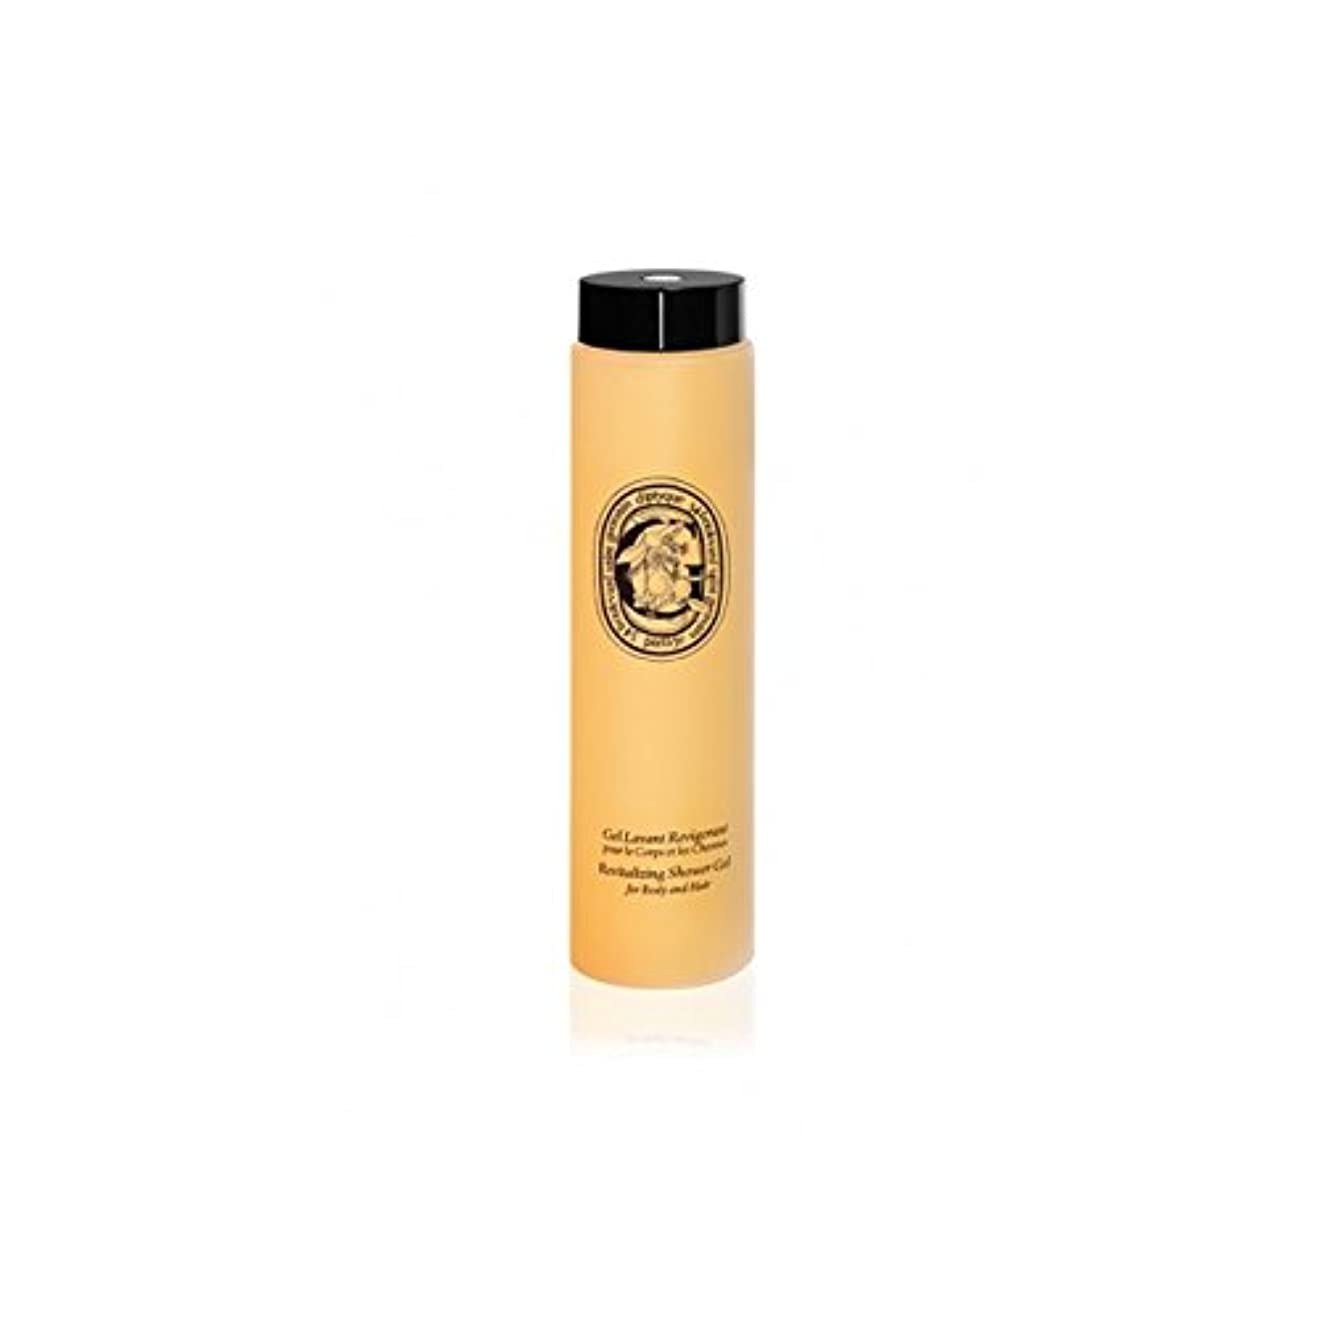 逆貸すその後Diptyque Revitalizing Shower Gel For Body And Hair 200ml (Pack of 2) - ボディ、ヘア200ミリリットルのためDiptyqueのリバイタライジングシャワージェル...